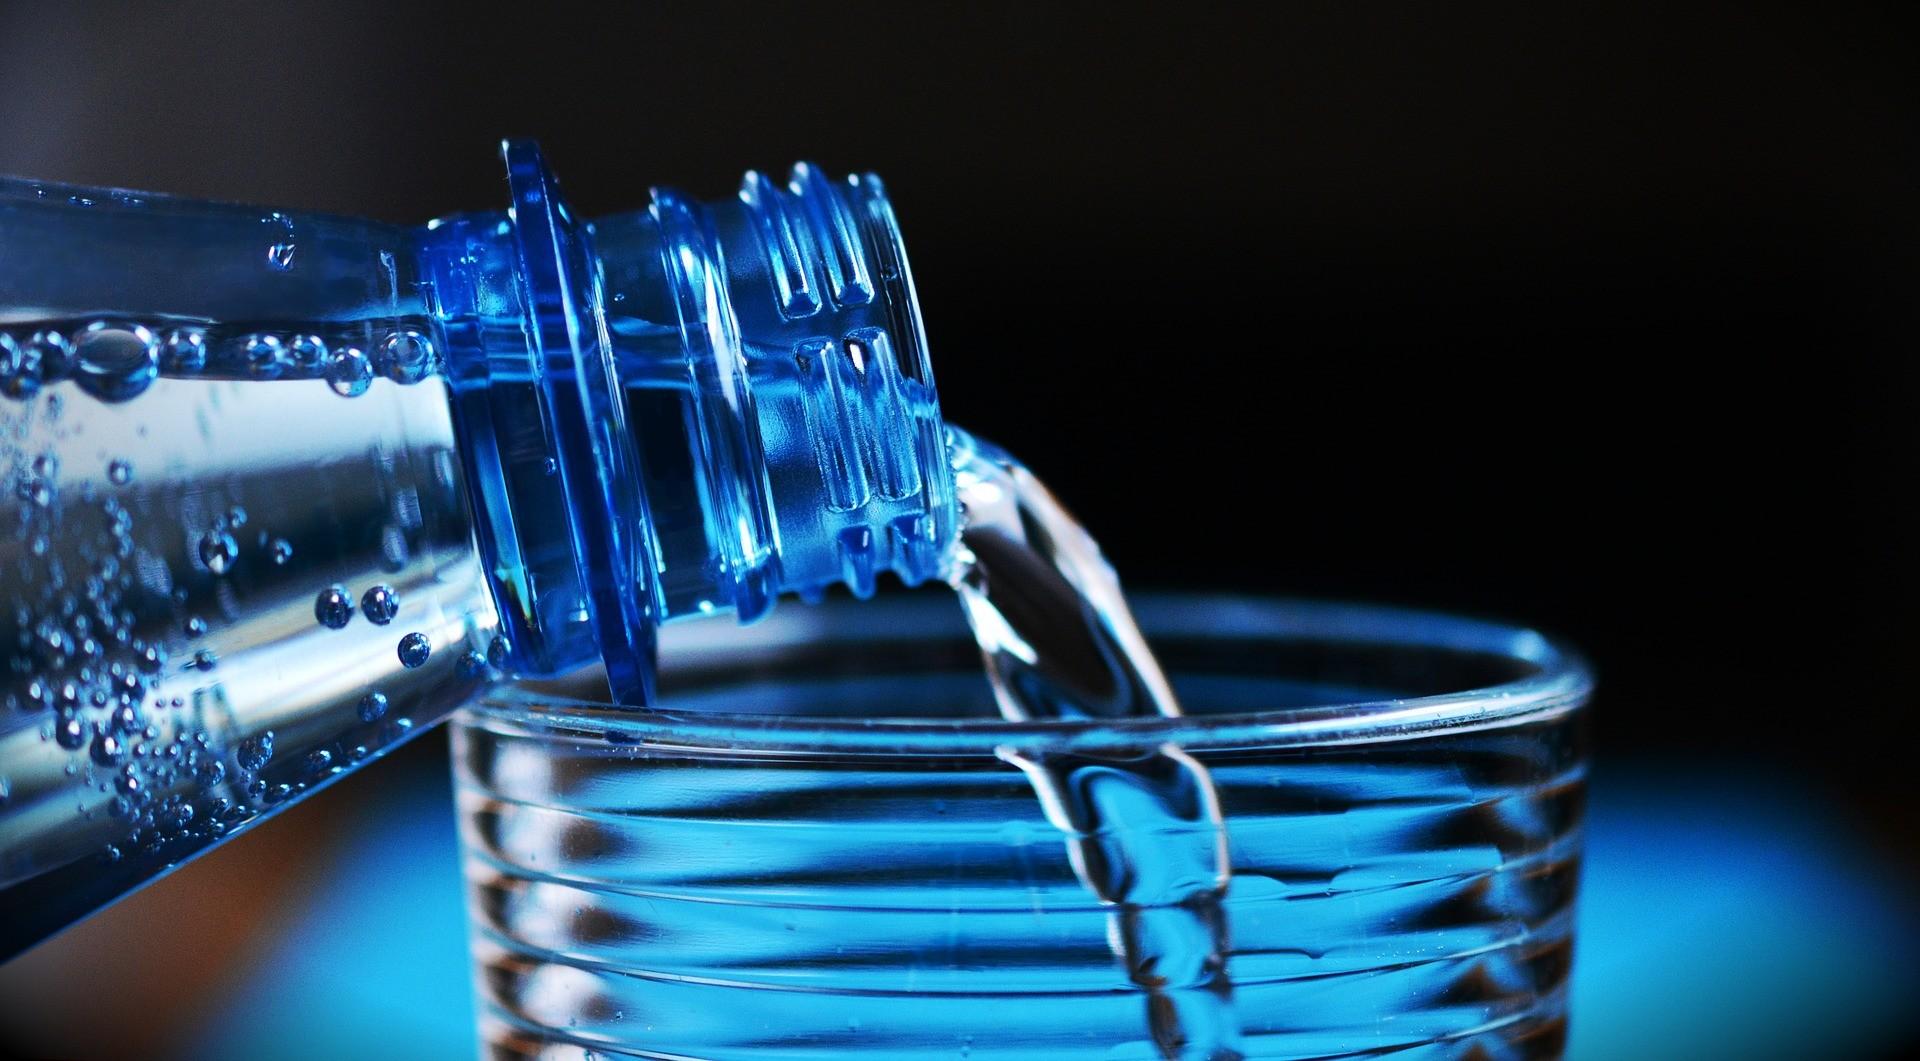 Совет дня: когда лучше пить воду во время тренировки?